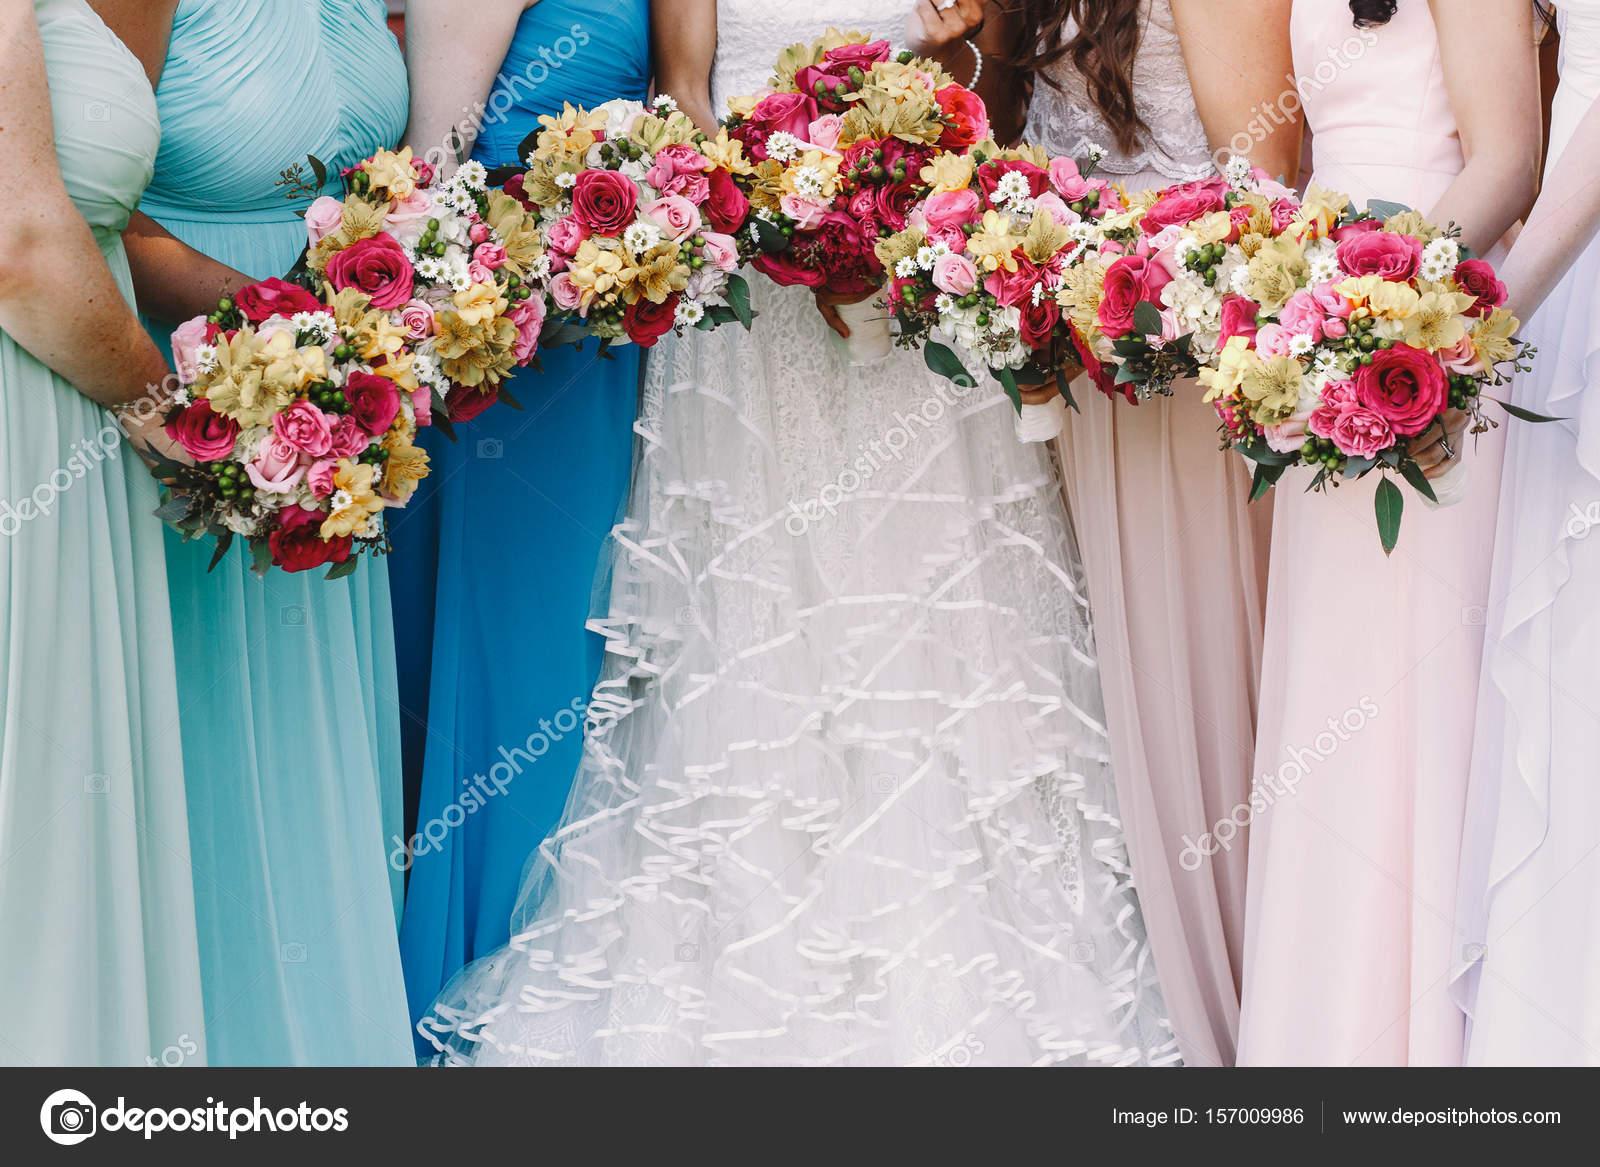 demoiselles d'honneur tenir leurs bouquets de mariage avant une